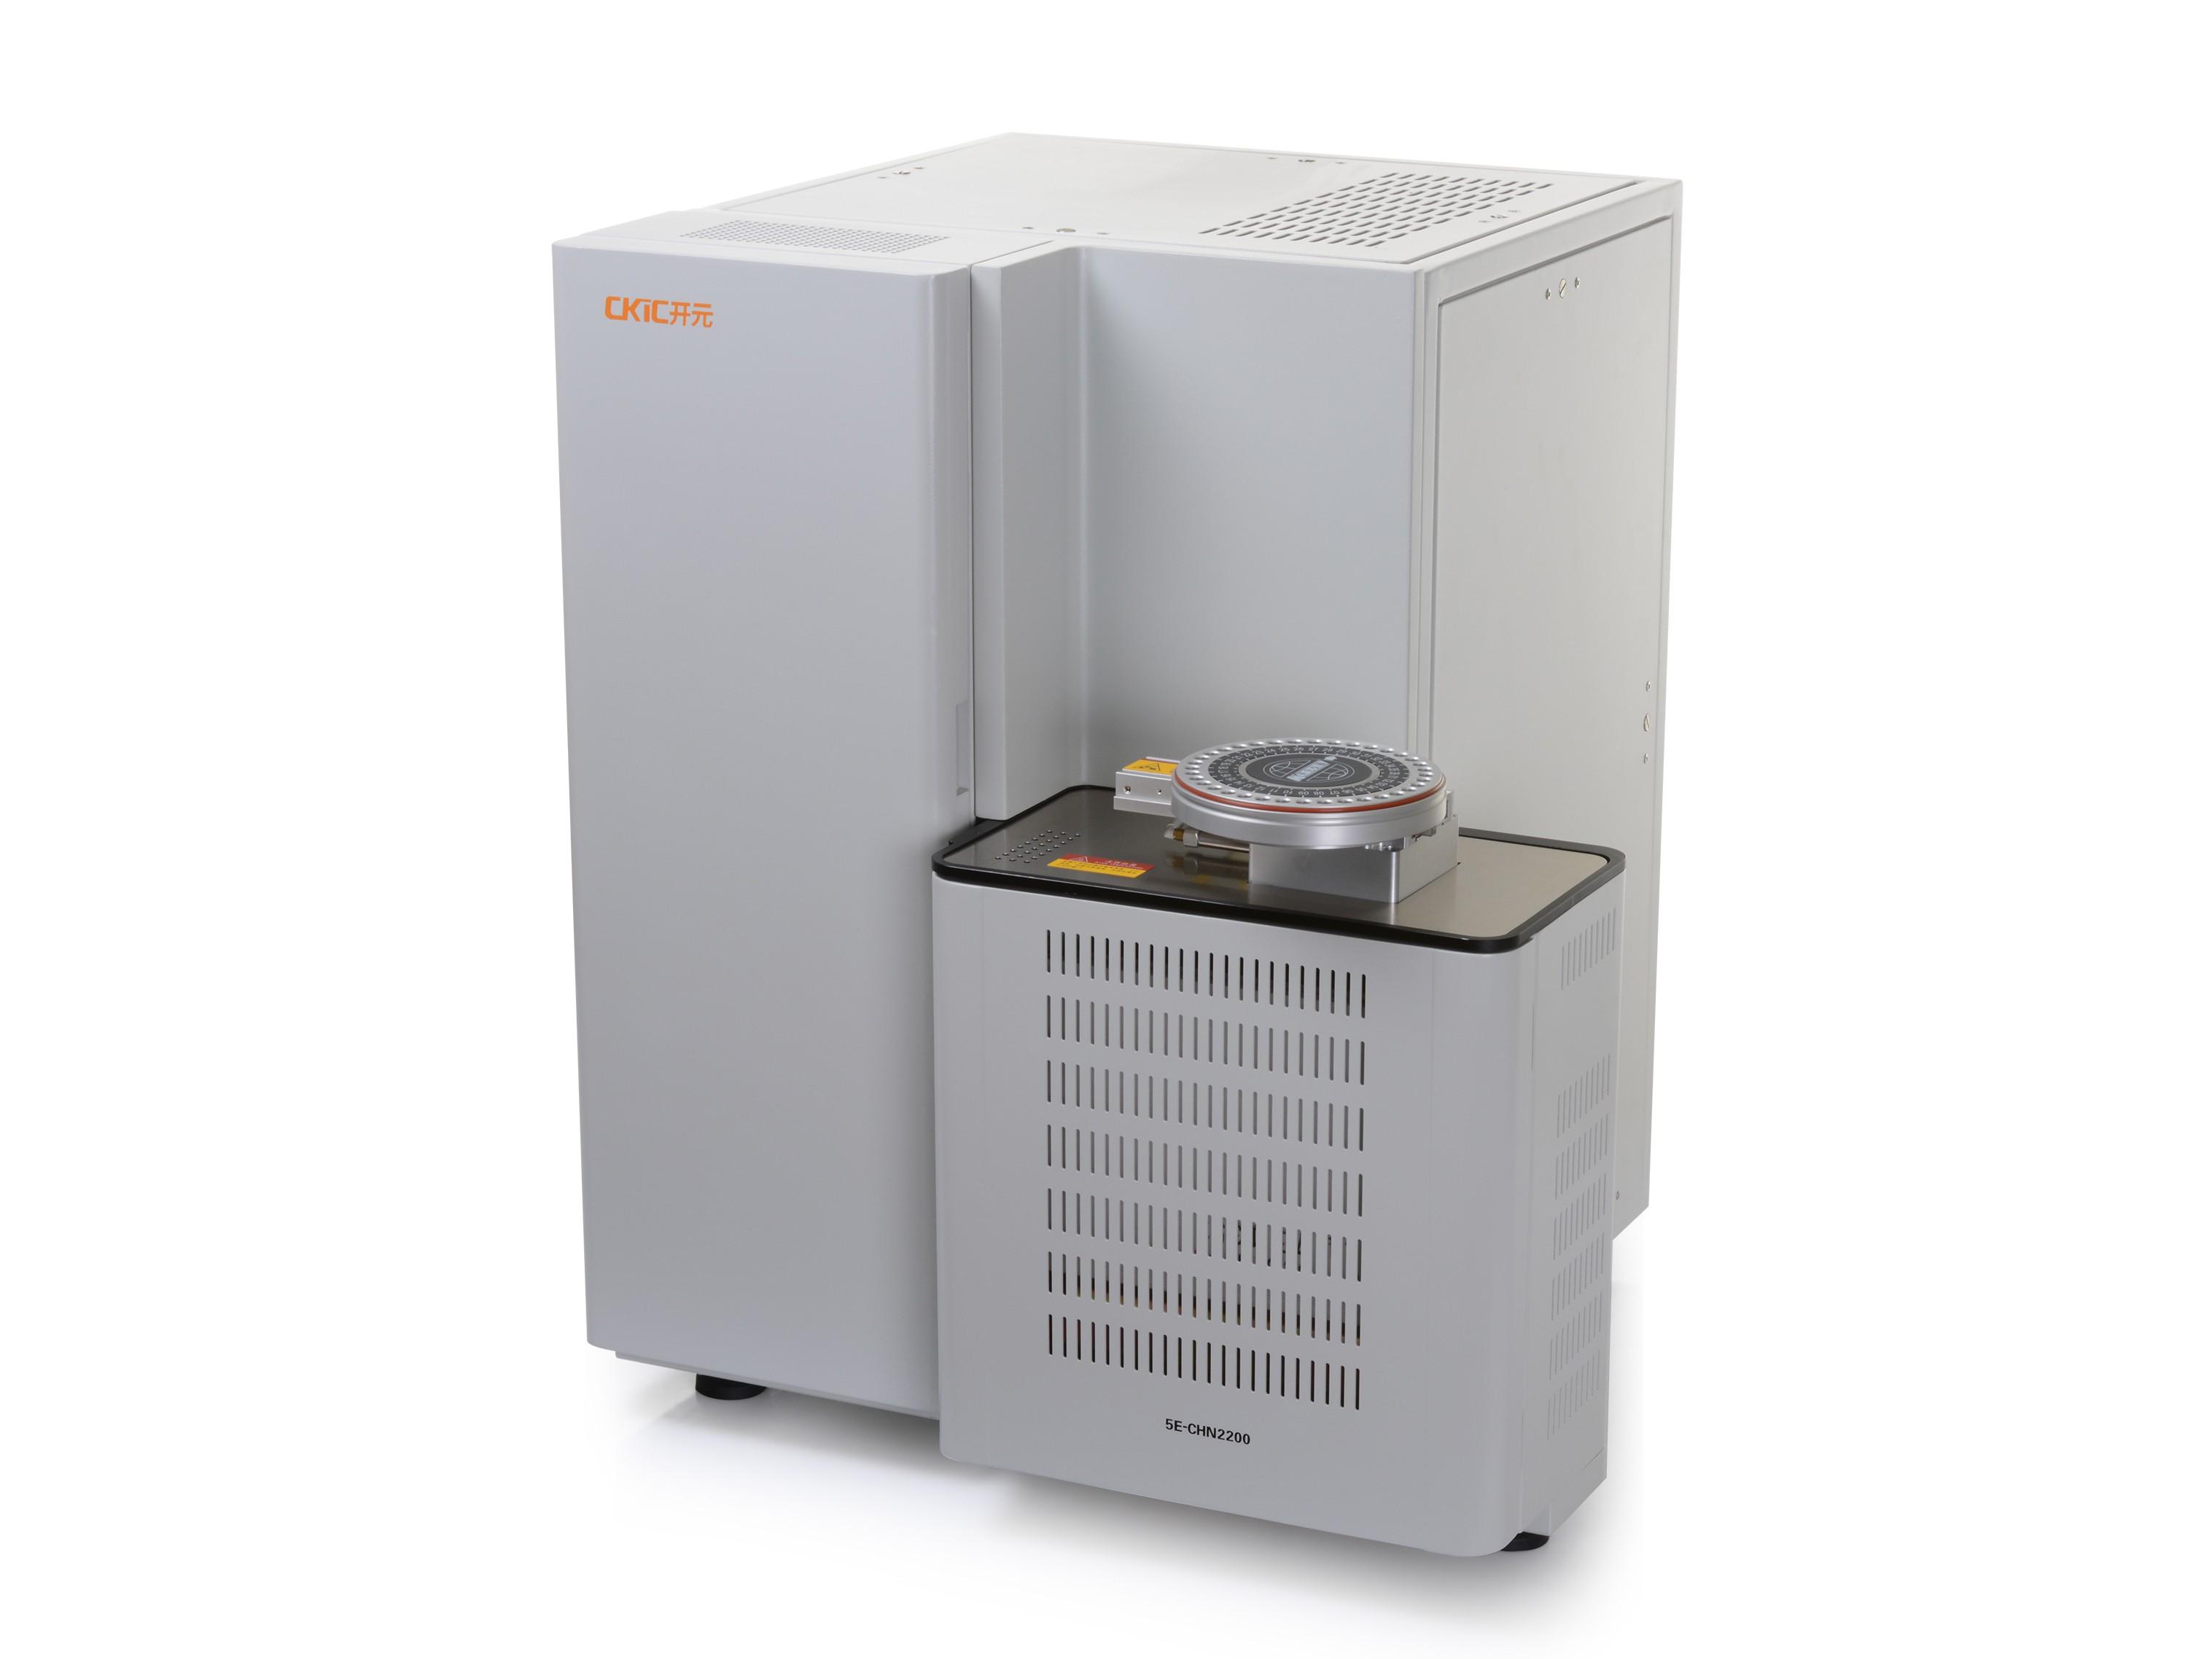 Hệ phân tích các nguyên tố C/H/N tự động 140 mẫu 5E-CHN2200 CKIC